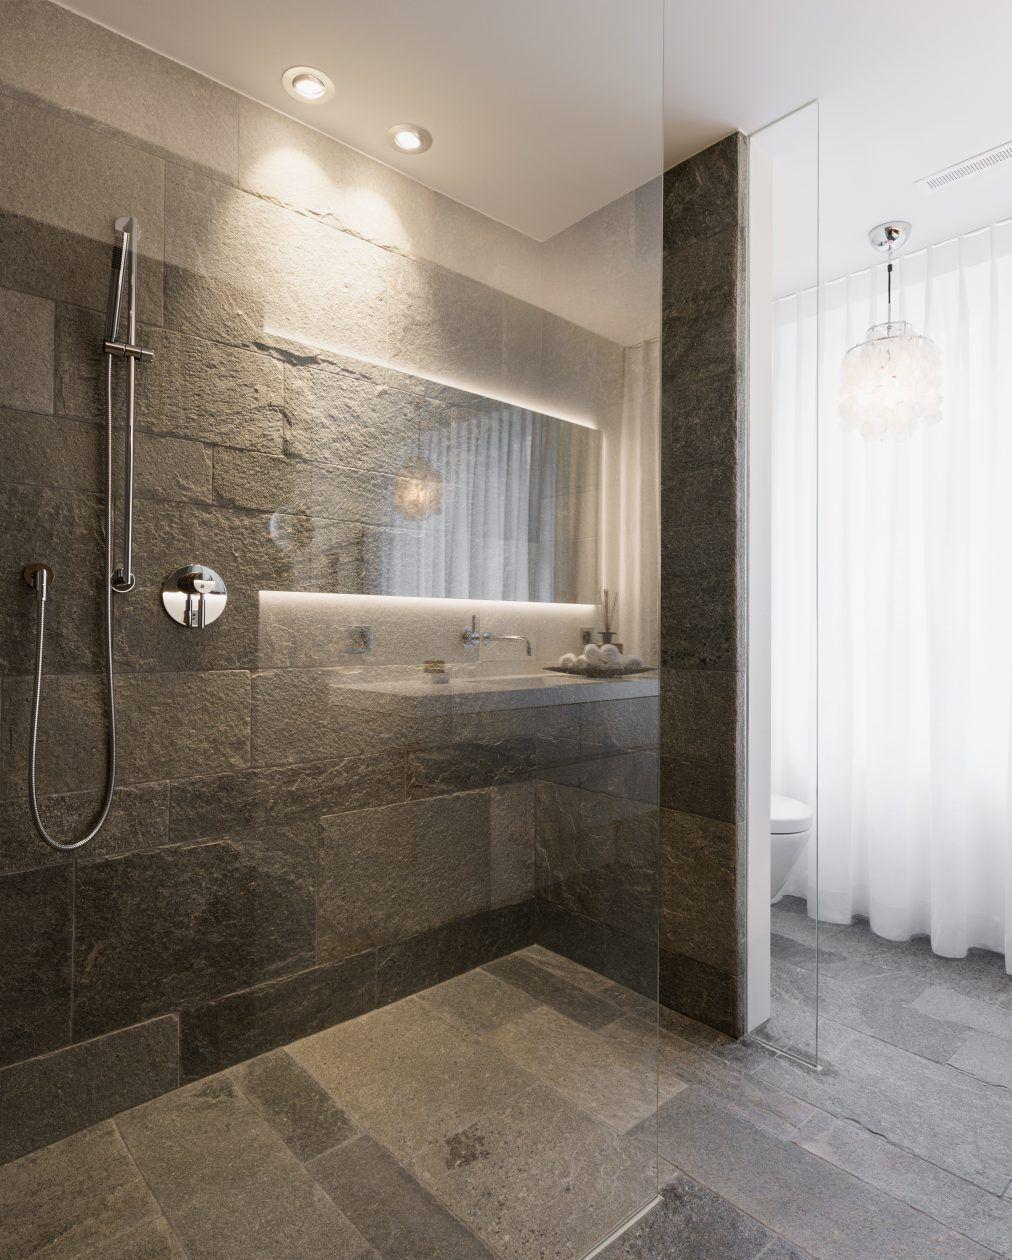 Glastrennwand Eingelassen Im Naturstein Boden Im Bad Mit Begehbarer Dusche Badezimmerboden Badezimmer Badezimmereinrichtung